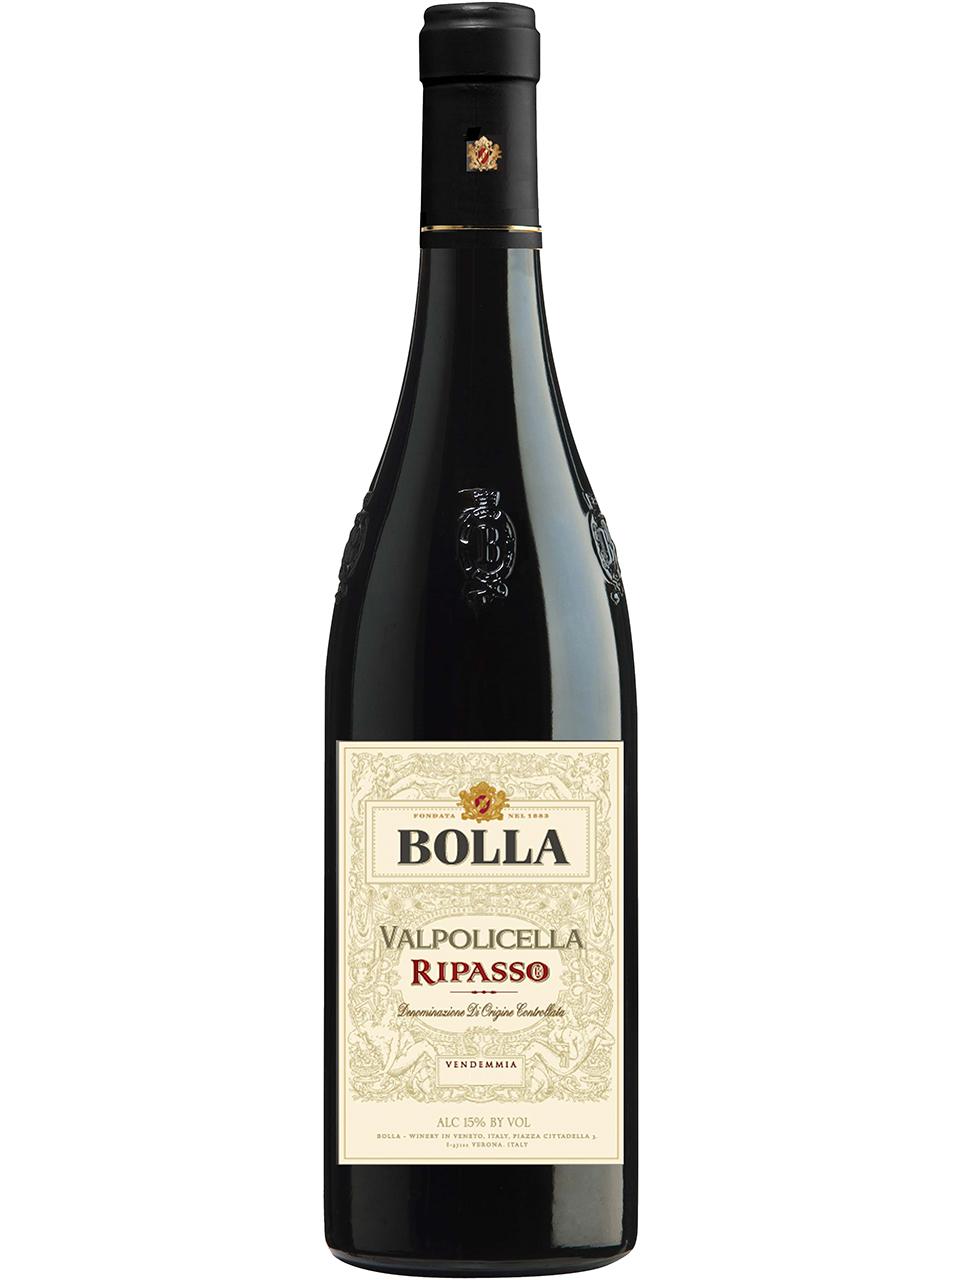 Bolla Valpolicella Ripasso Classico Superiore